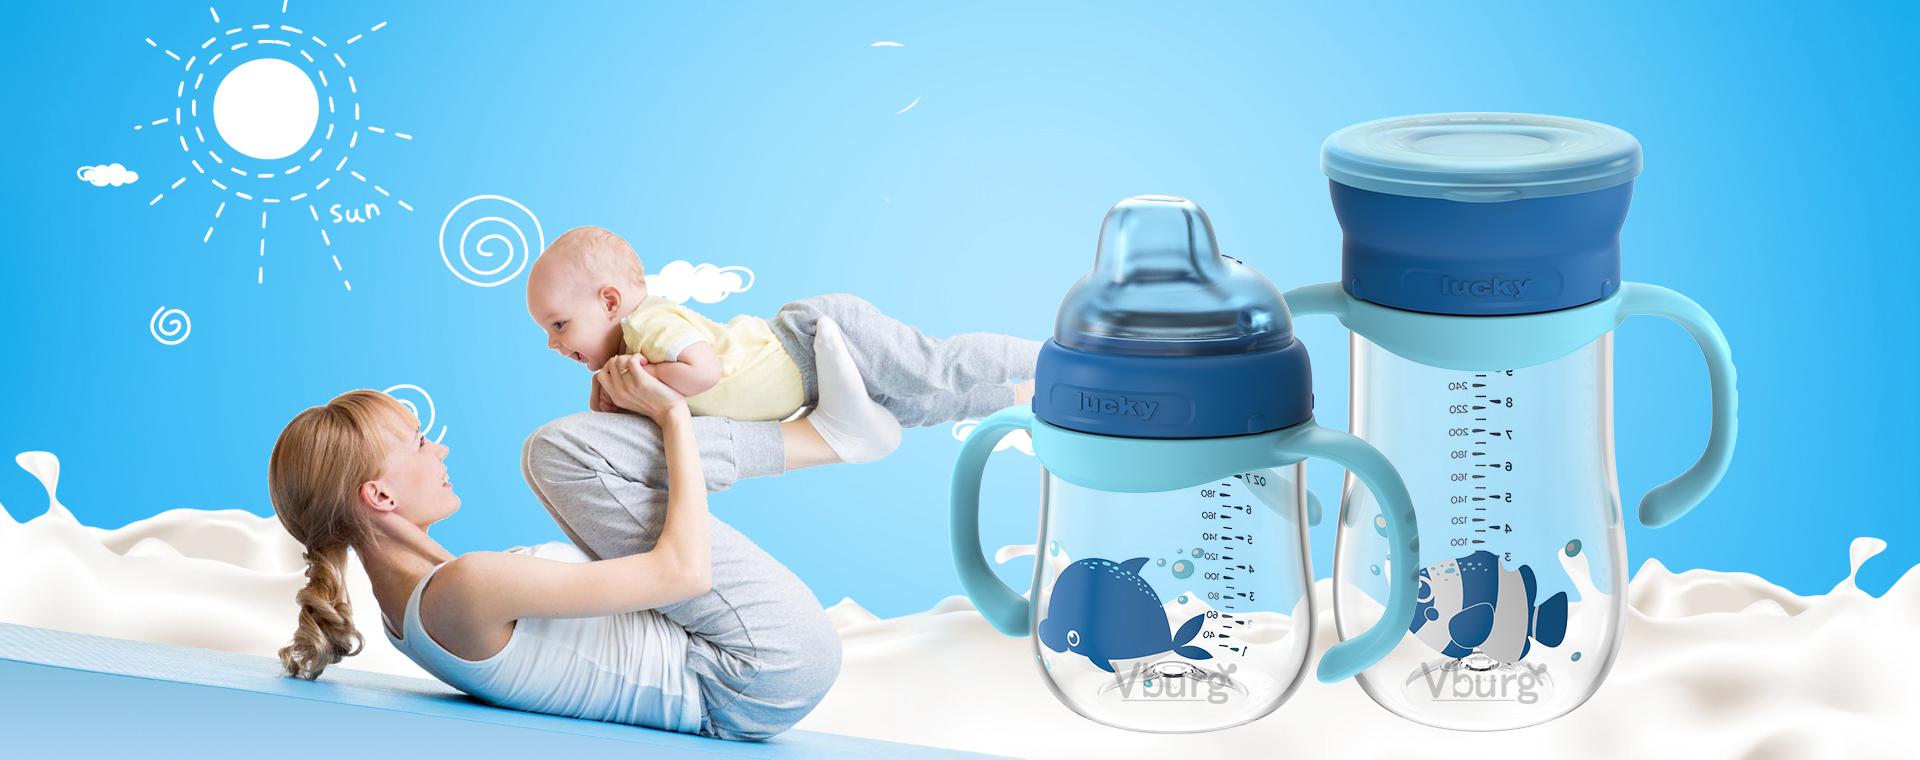 婴儿用品厂家